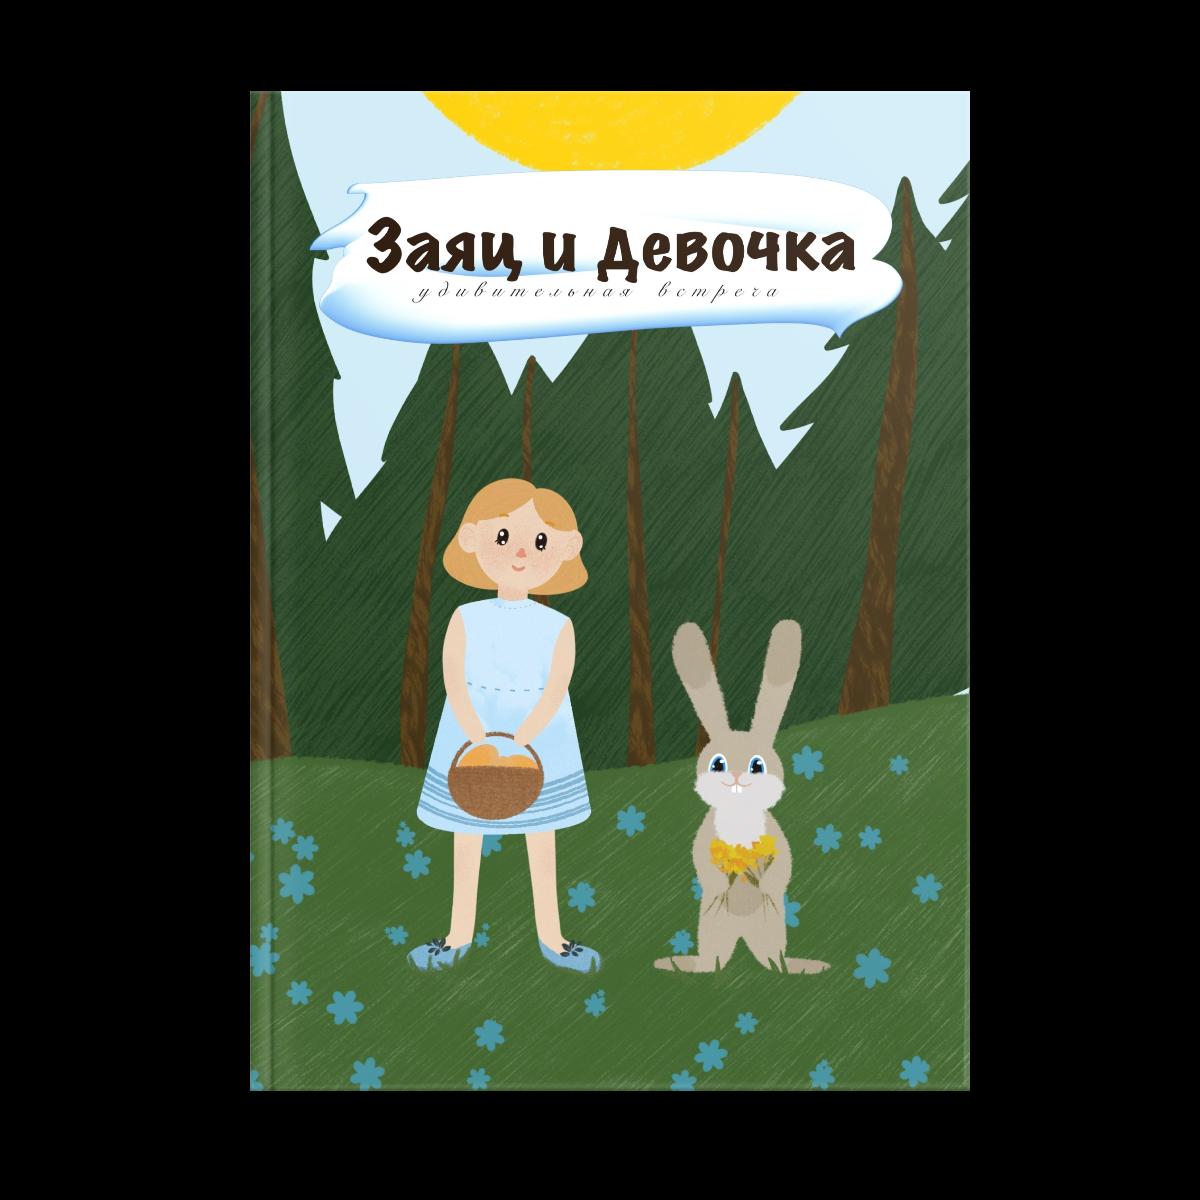 С днем защиты детей: закончил работу над детской книгой